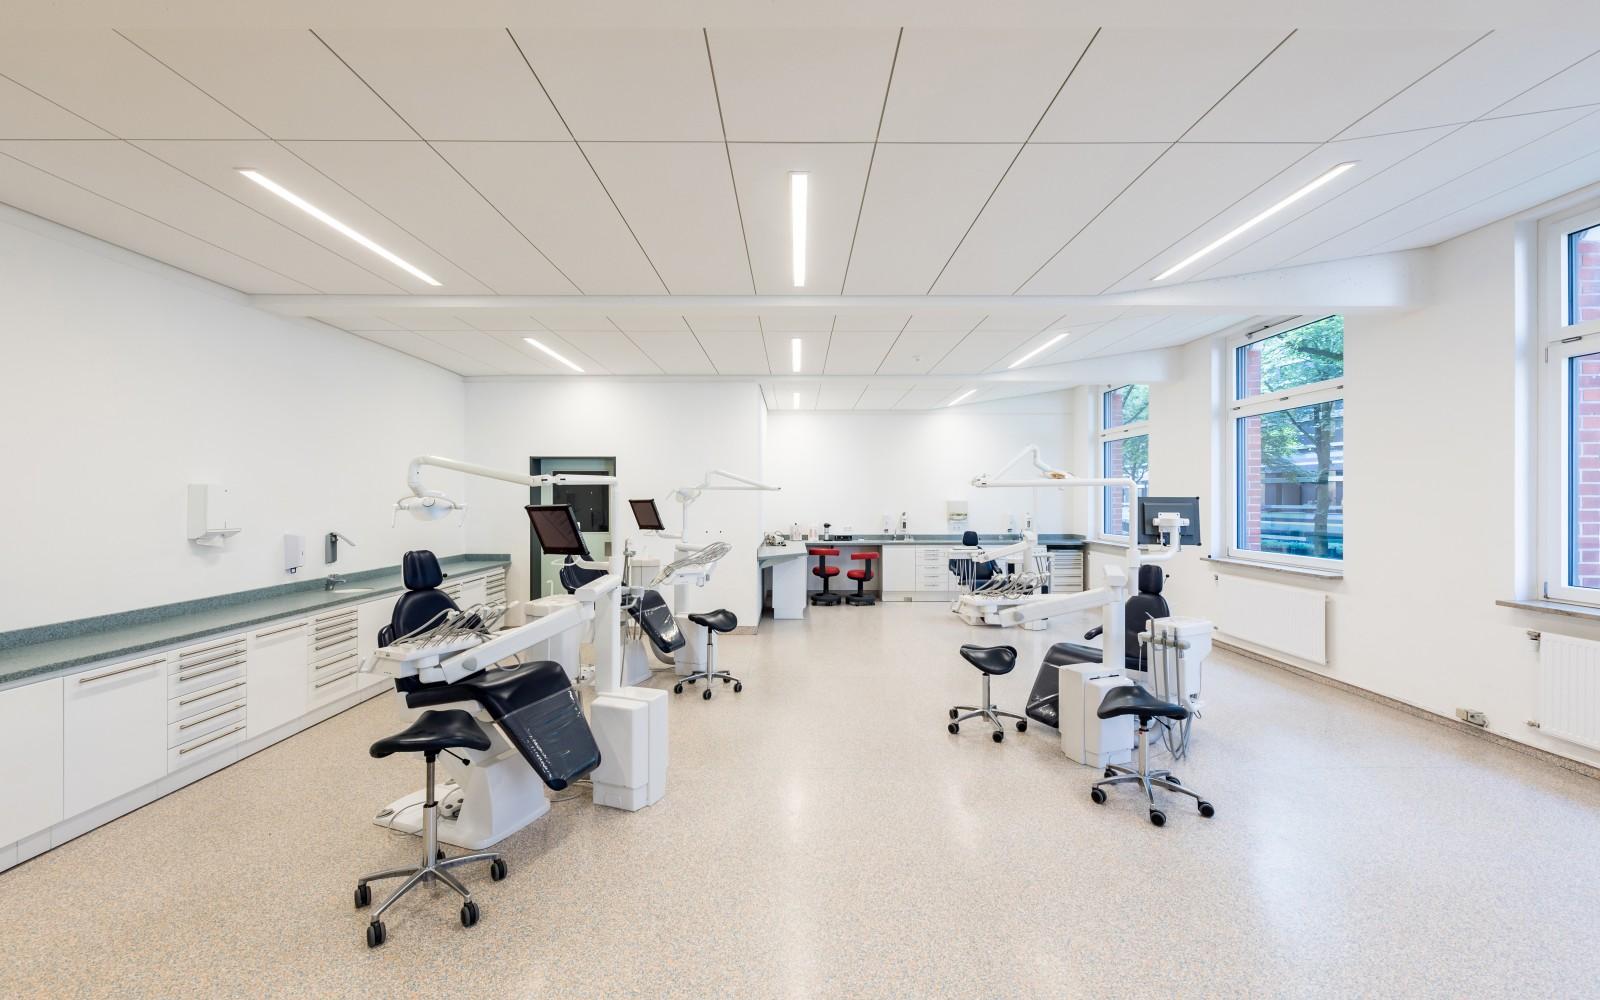 aeußere-innere-grundsanierung-staatliche-schule-gesundheitspflege-prophylaxeraum